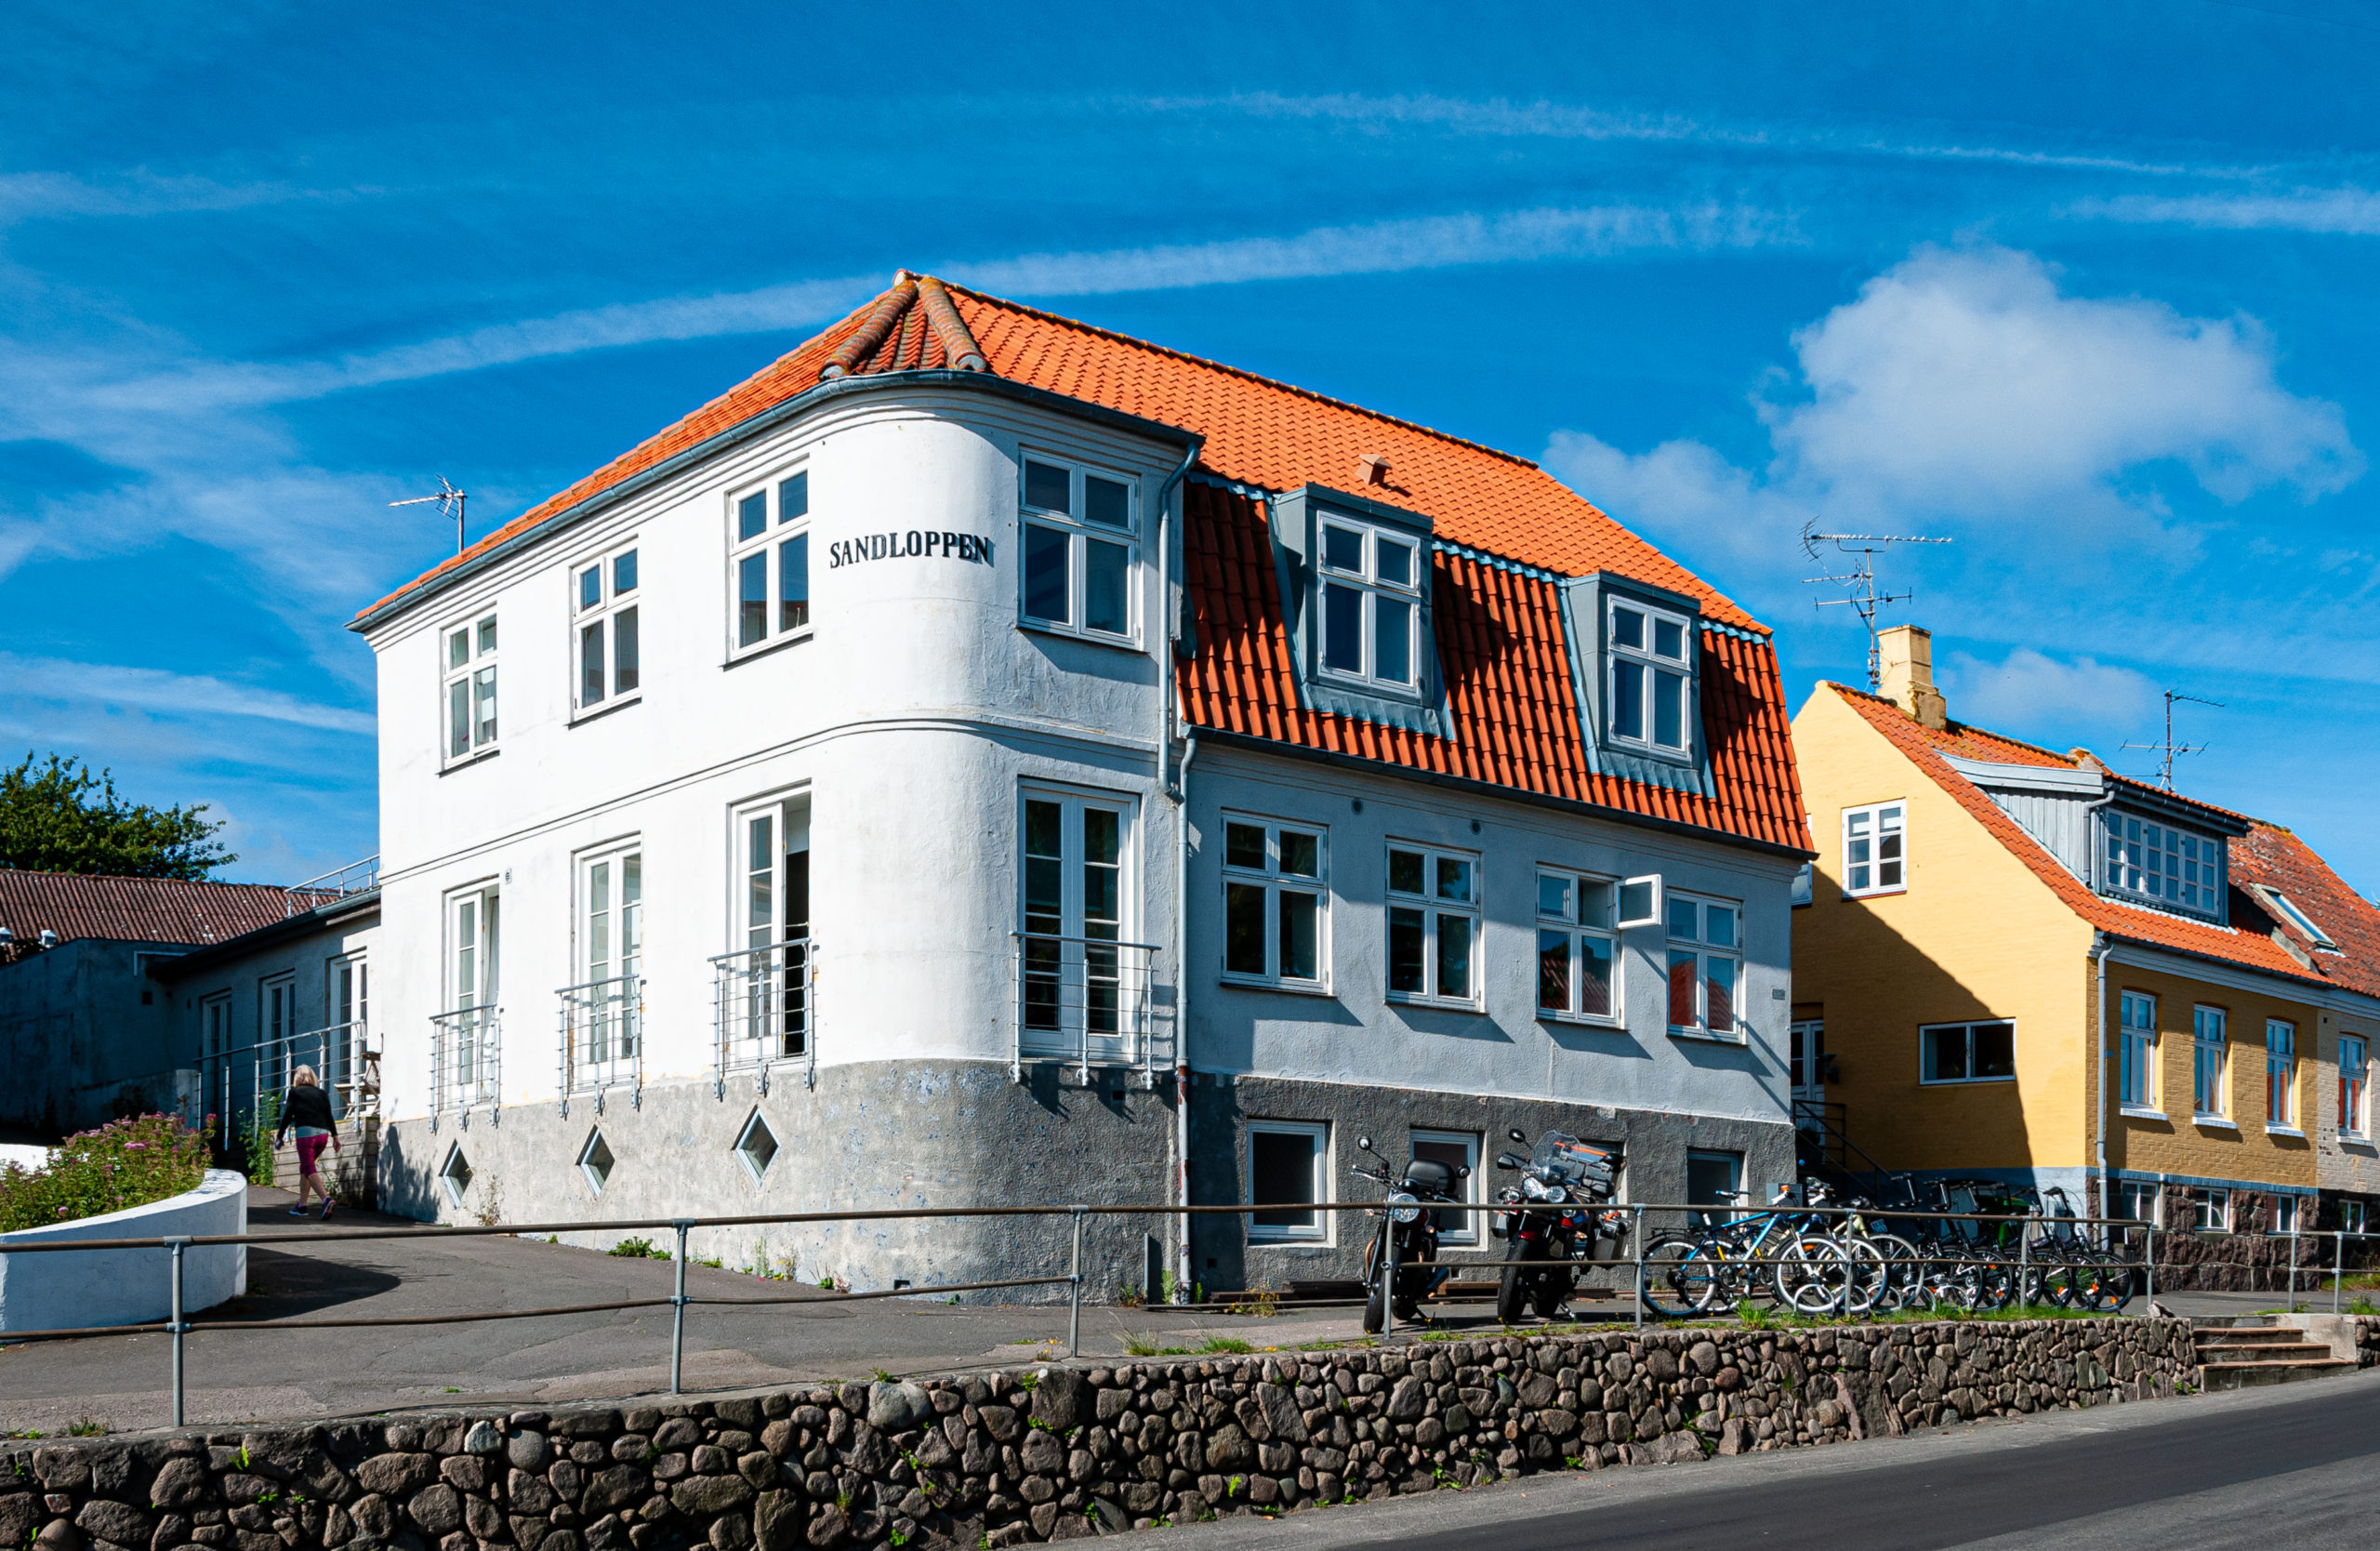 Sandloppen på Bornholm